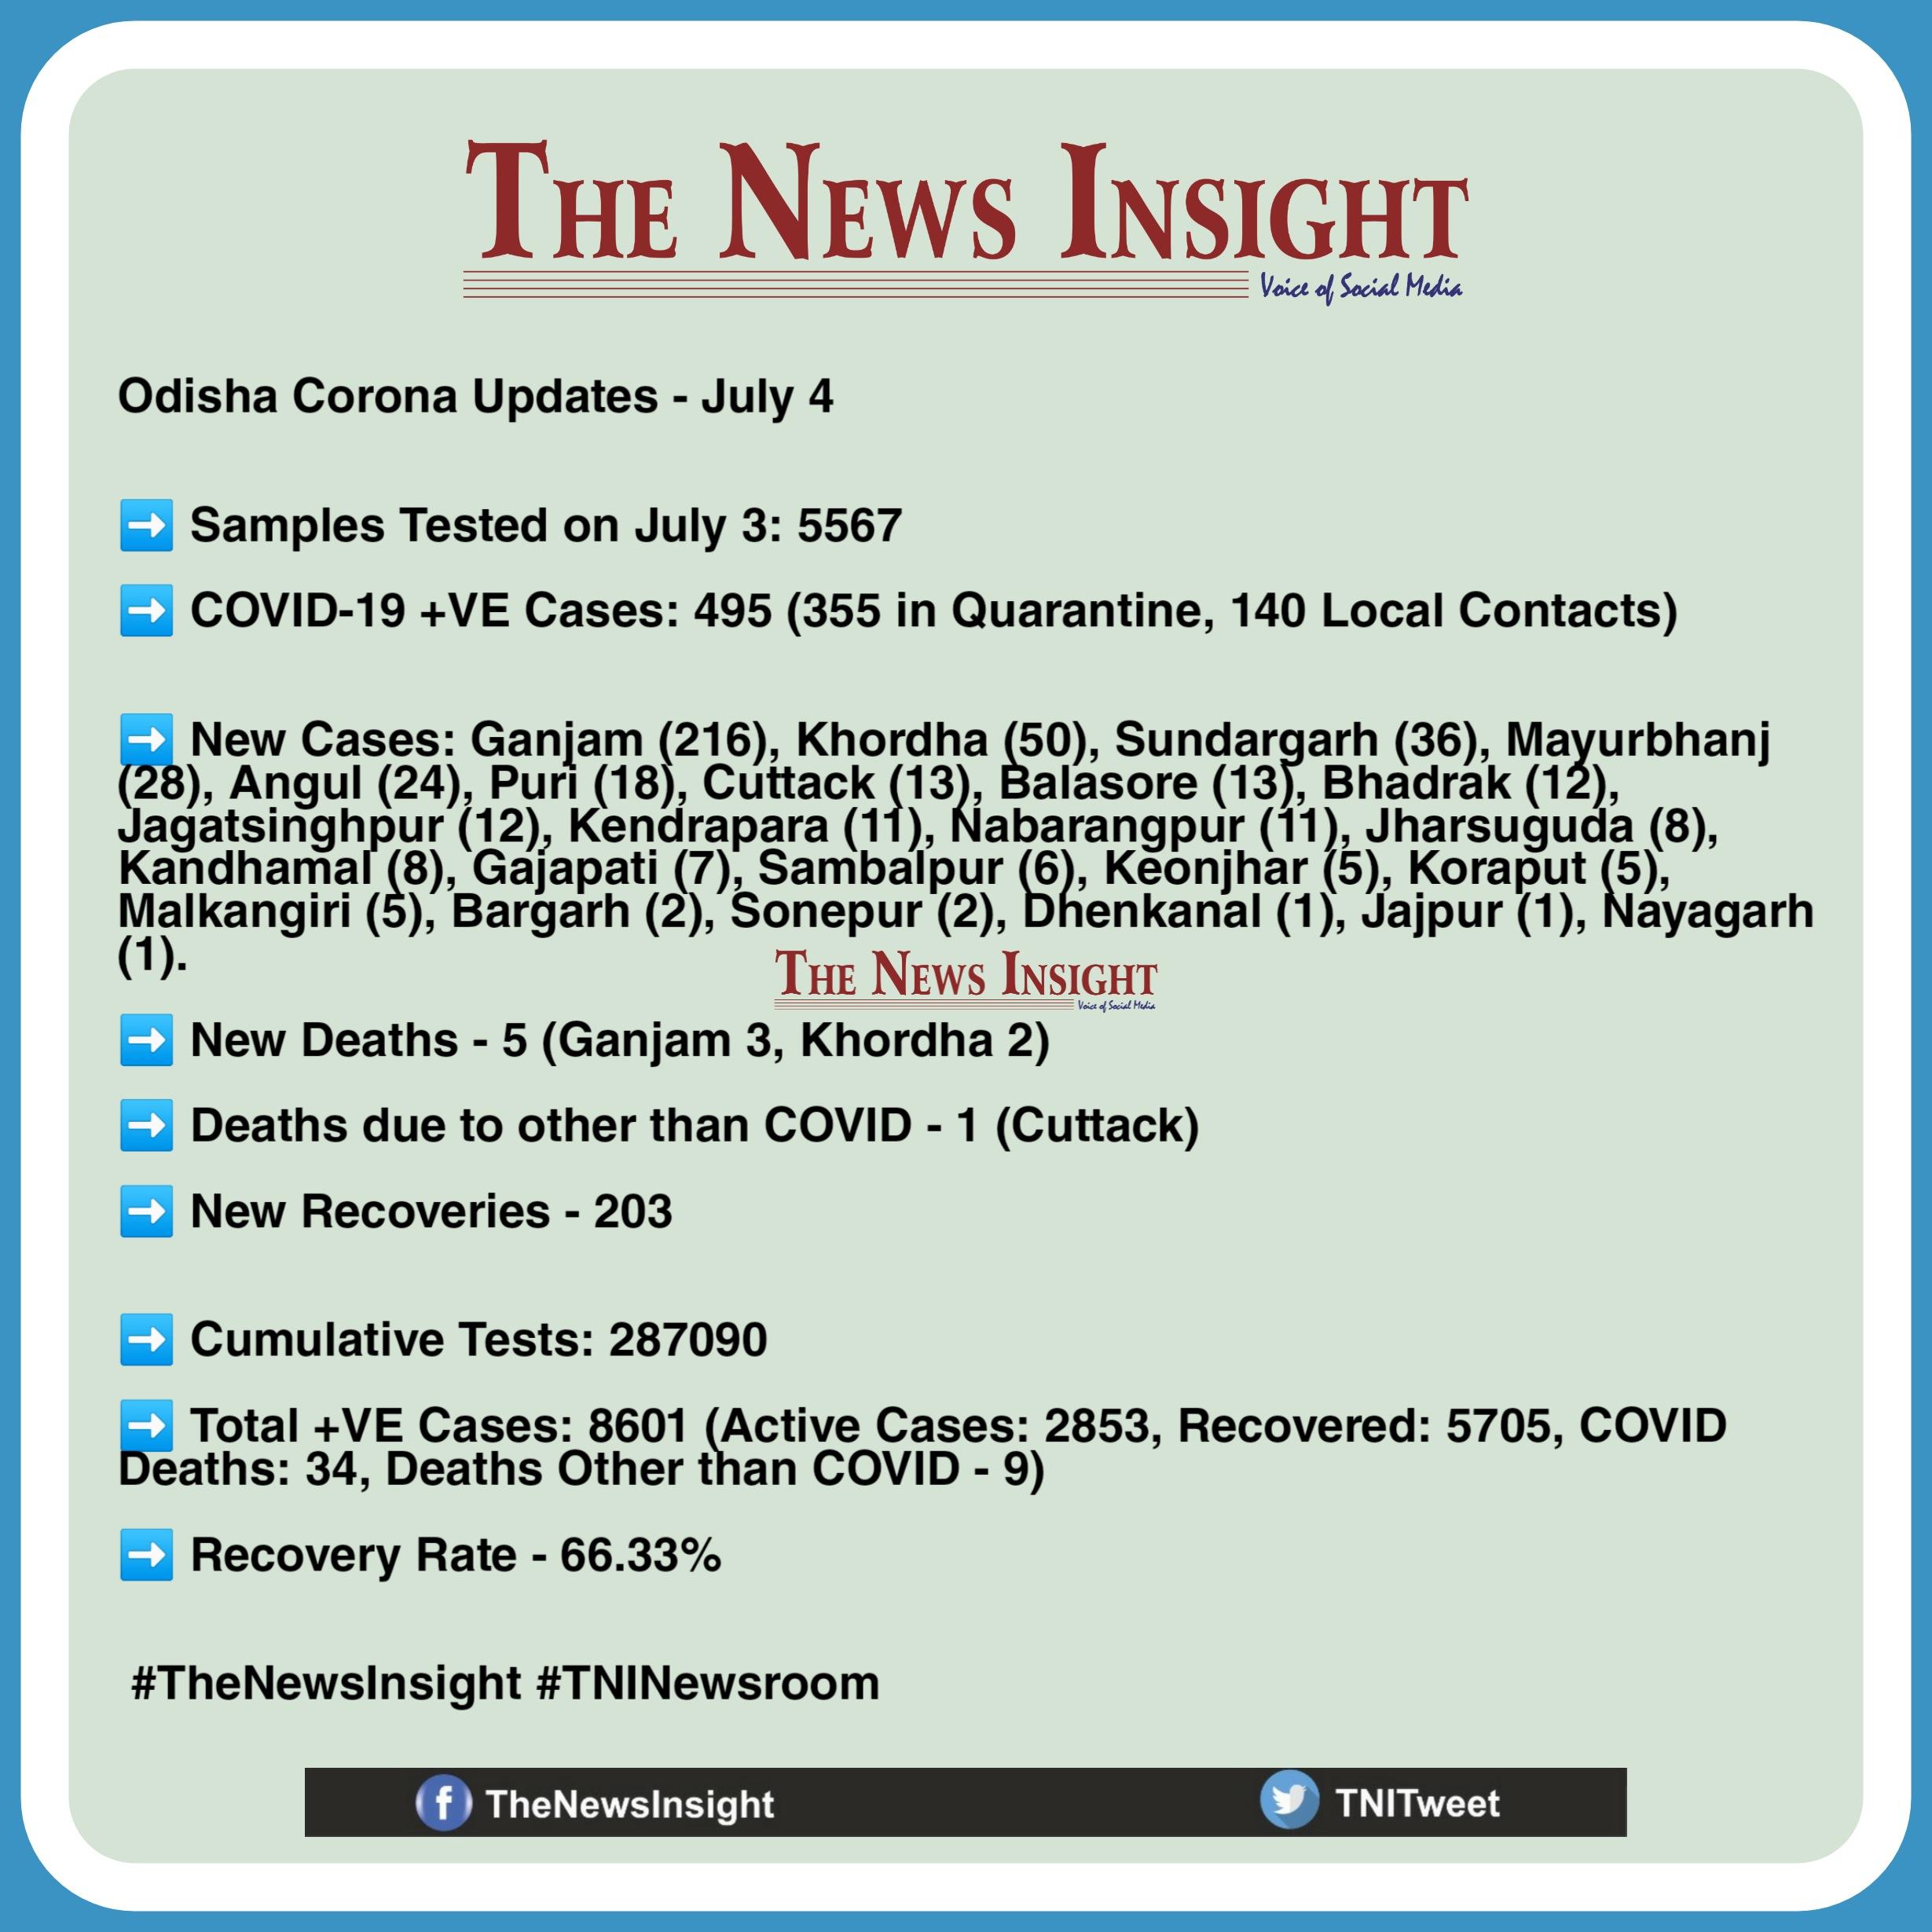 Odisha Corona Updates - July 4